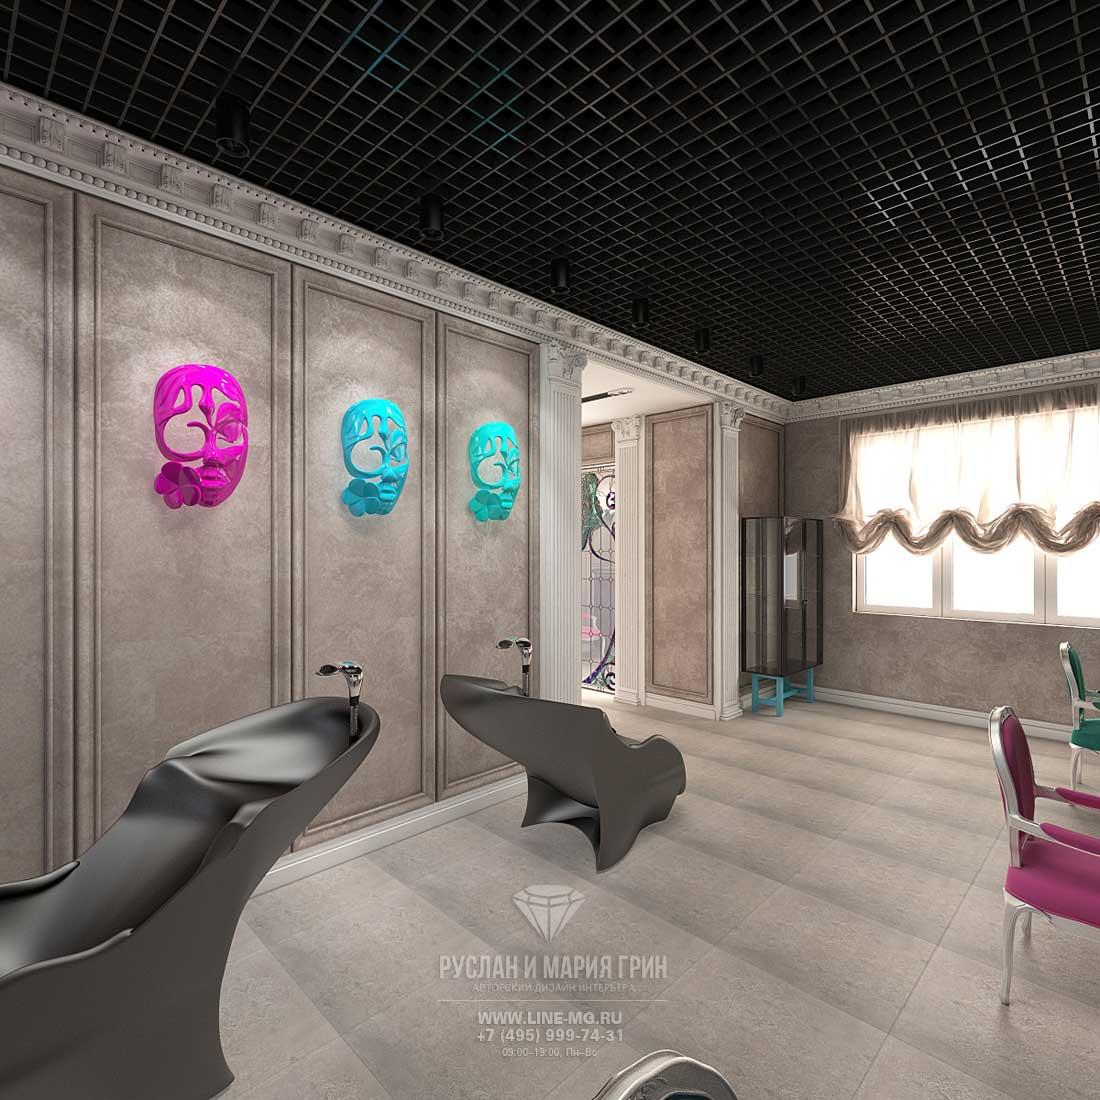 Фото интерьера современного салона красоты